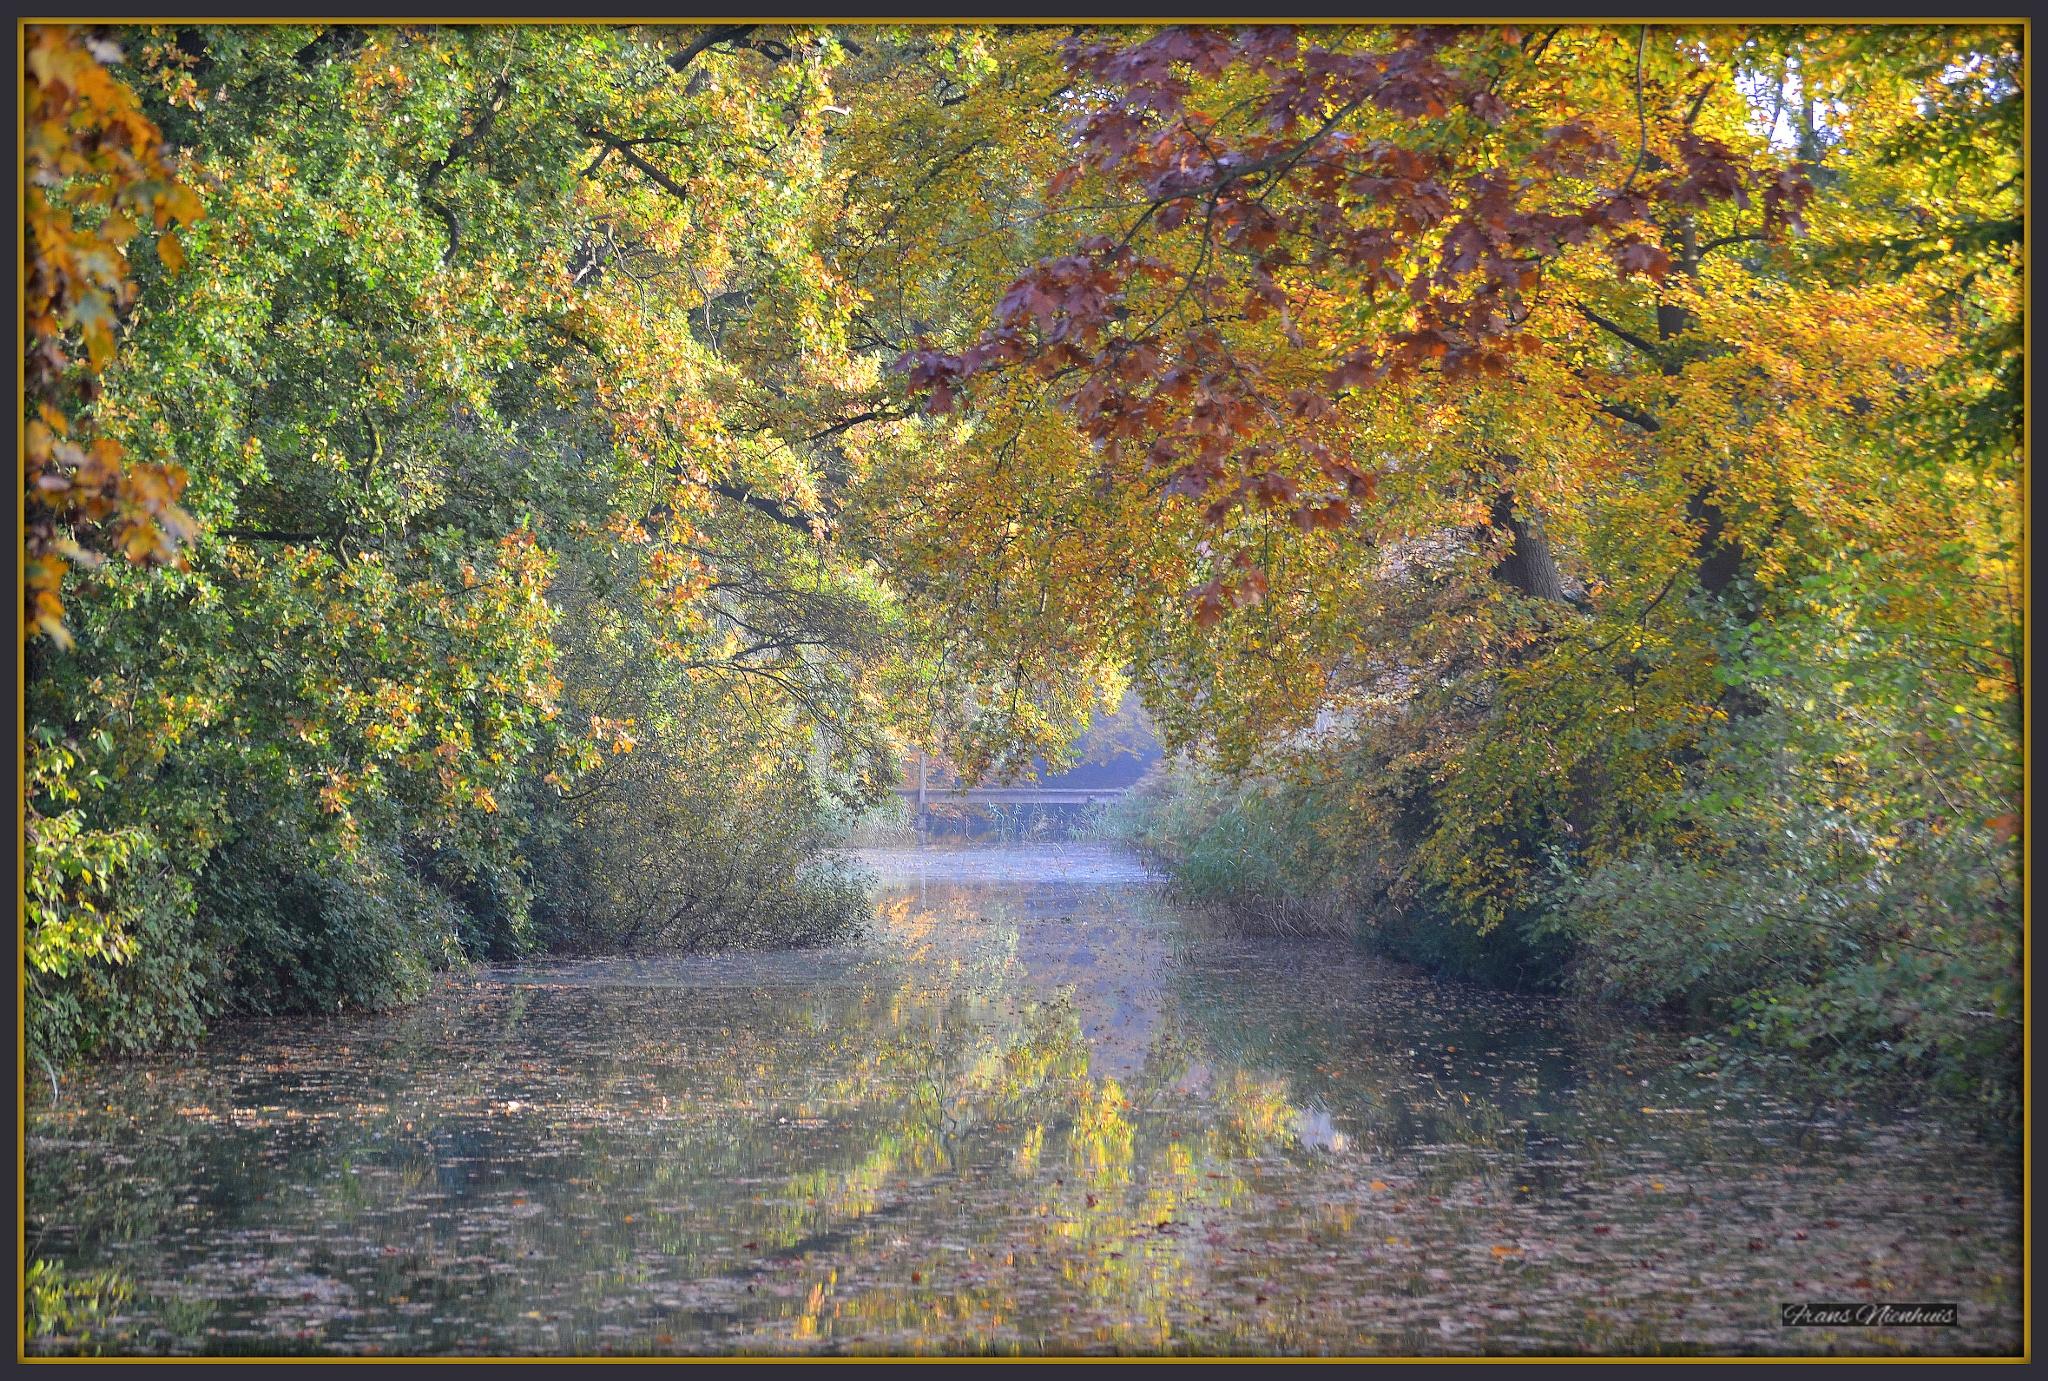 Autumn leaves, Kasteel Slangenburg, Doetinchem, the Netherlands by Frans Nienhuis